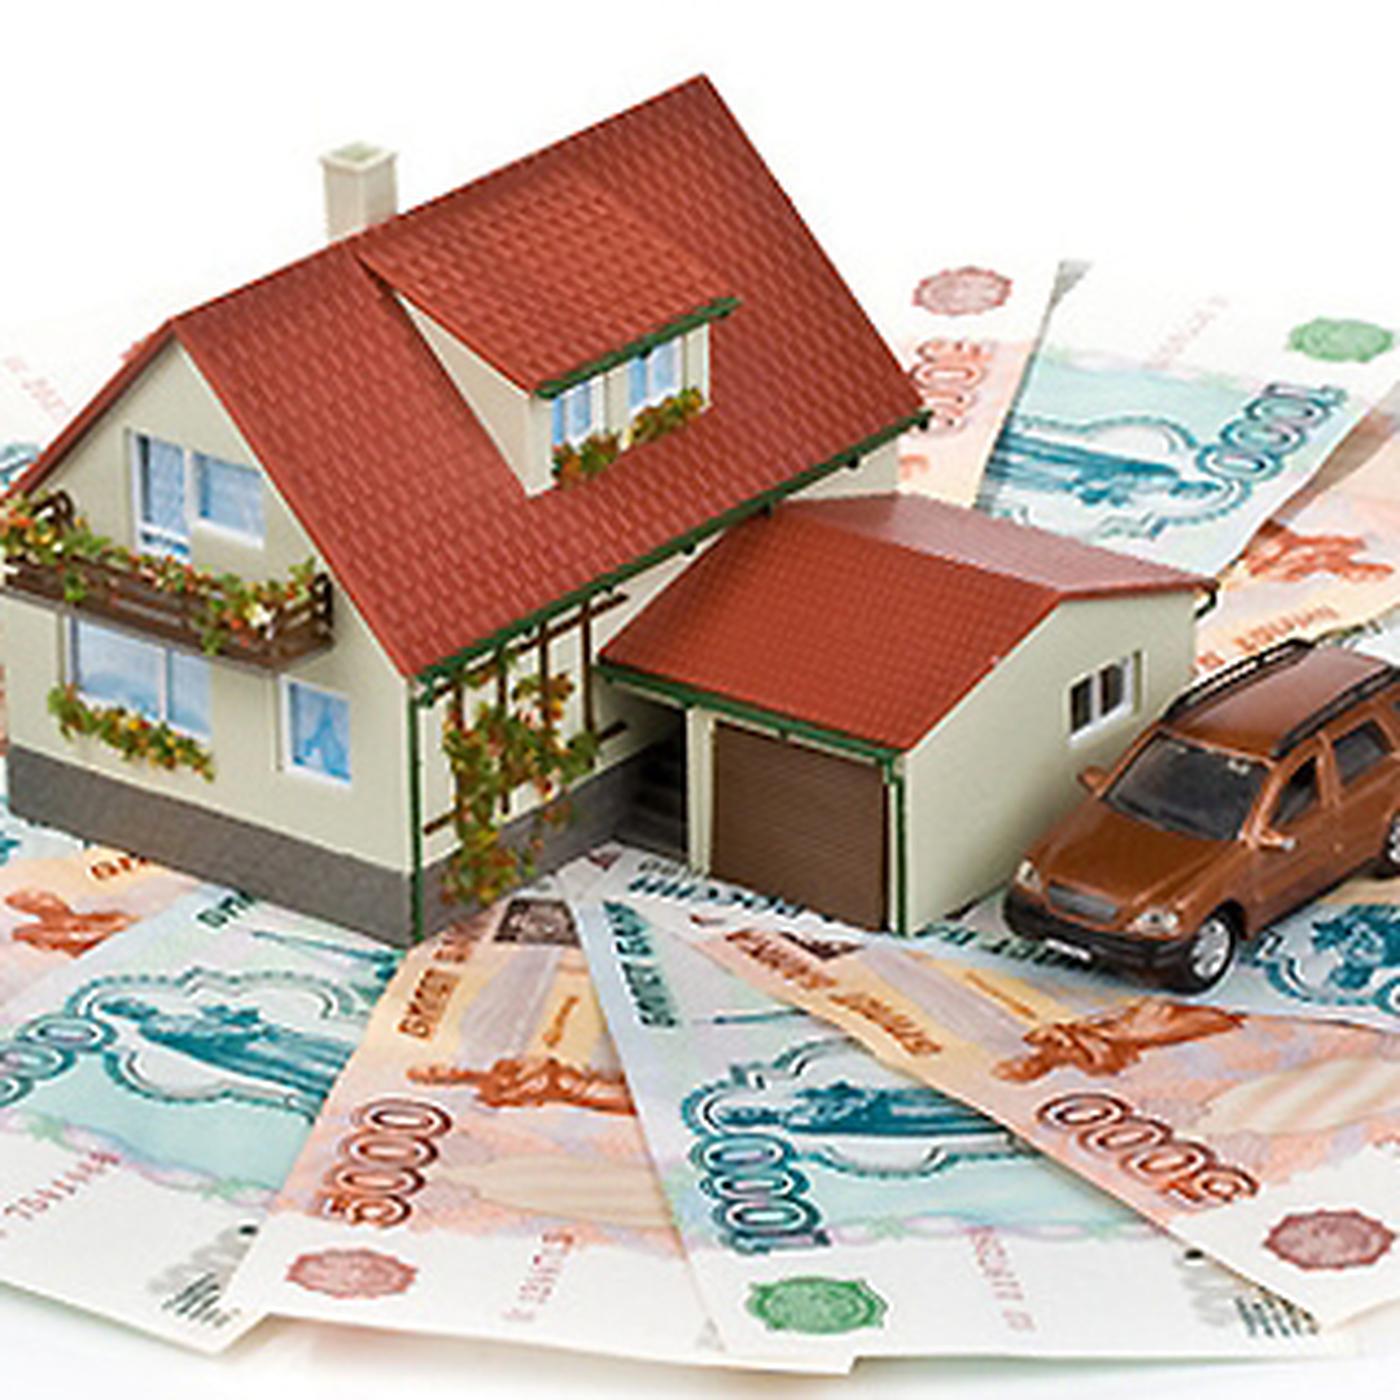 Возьмите деньги под залог земли автосалон элекс в москве официальный сайт отзывы